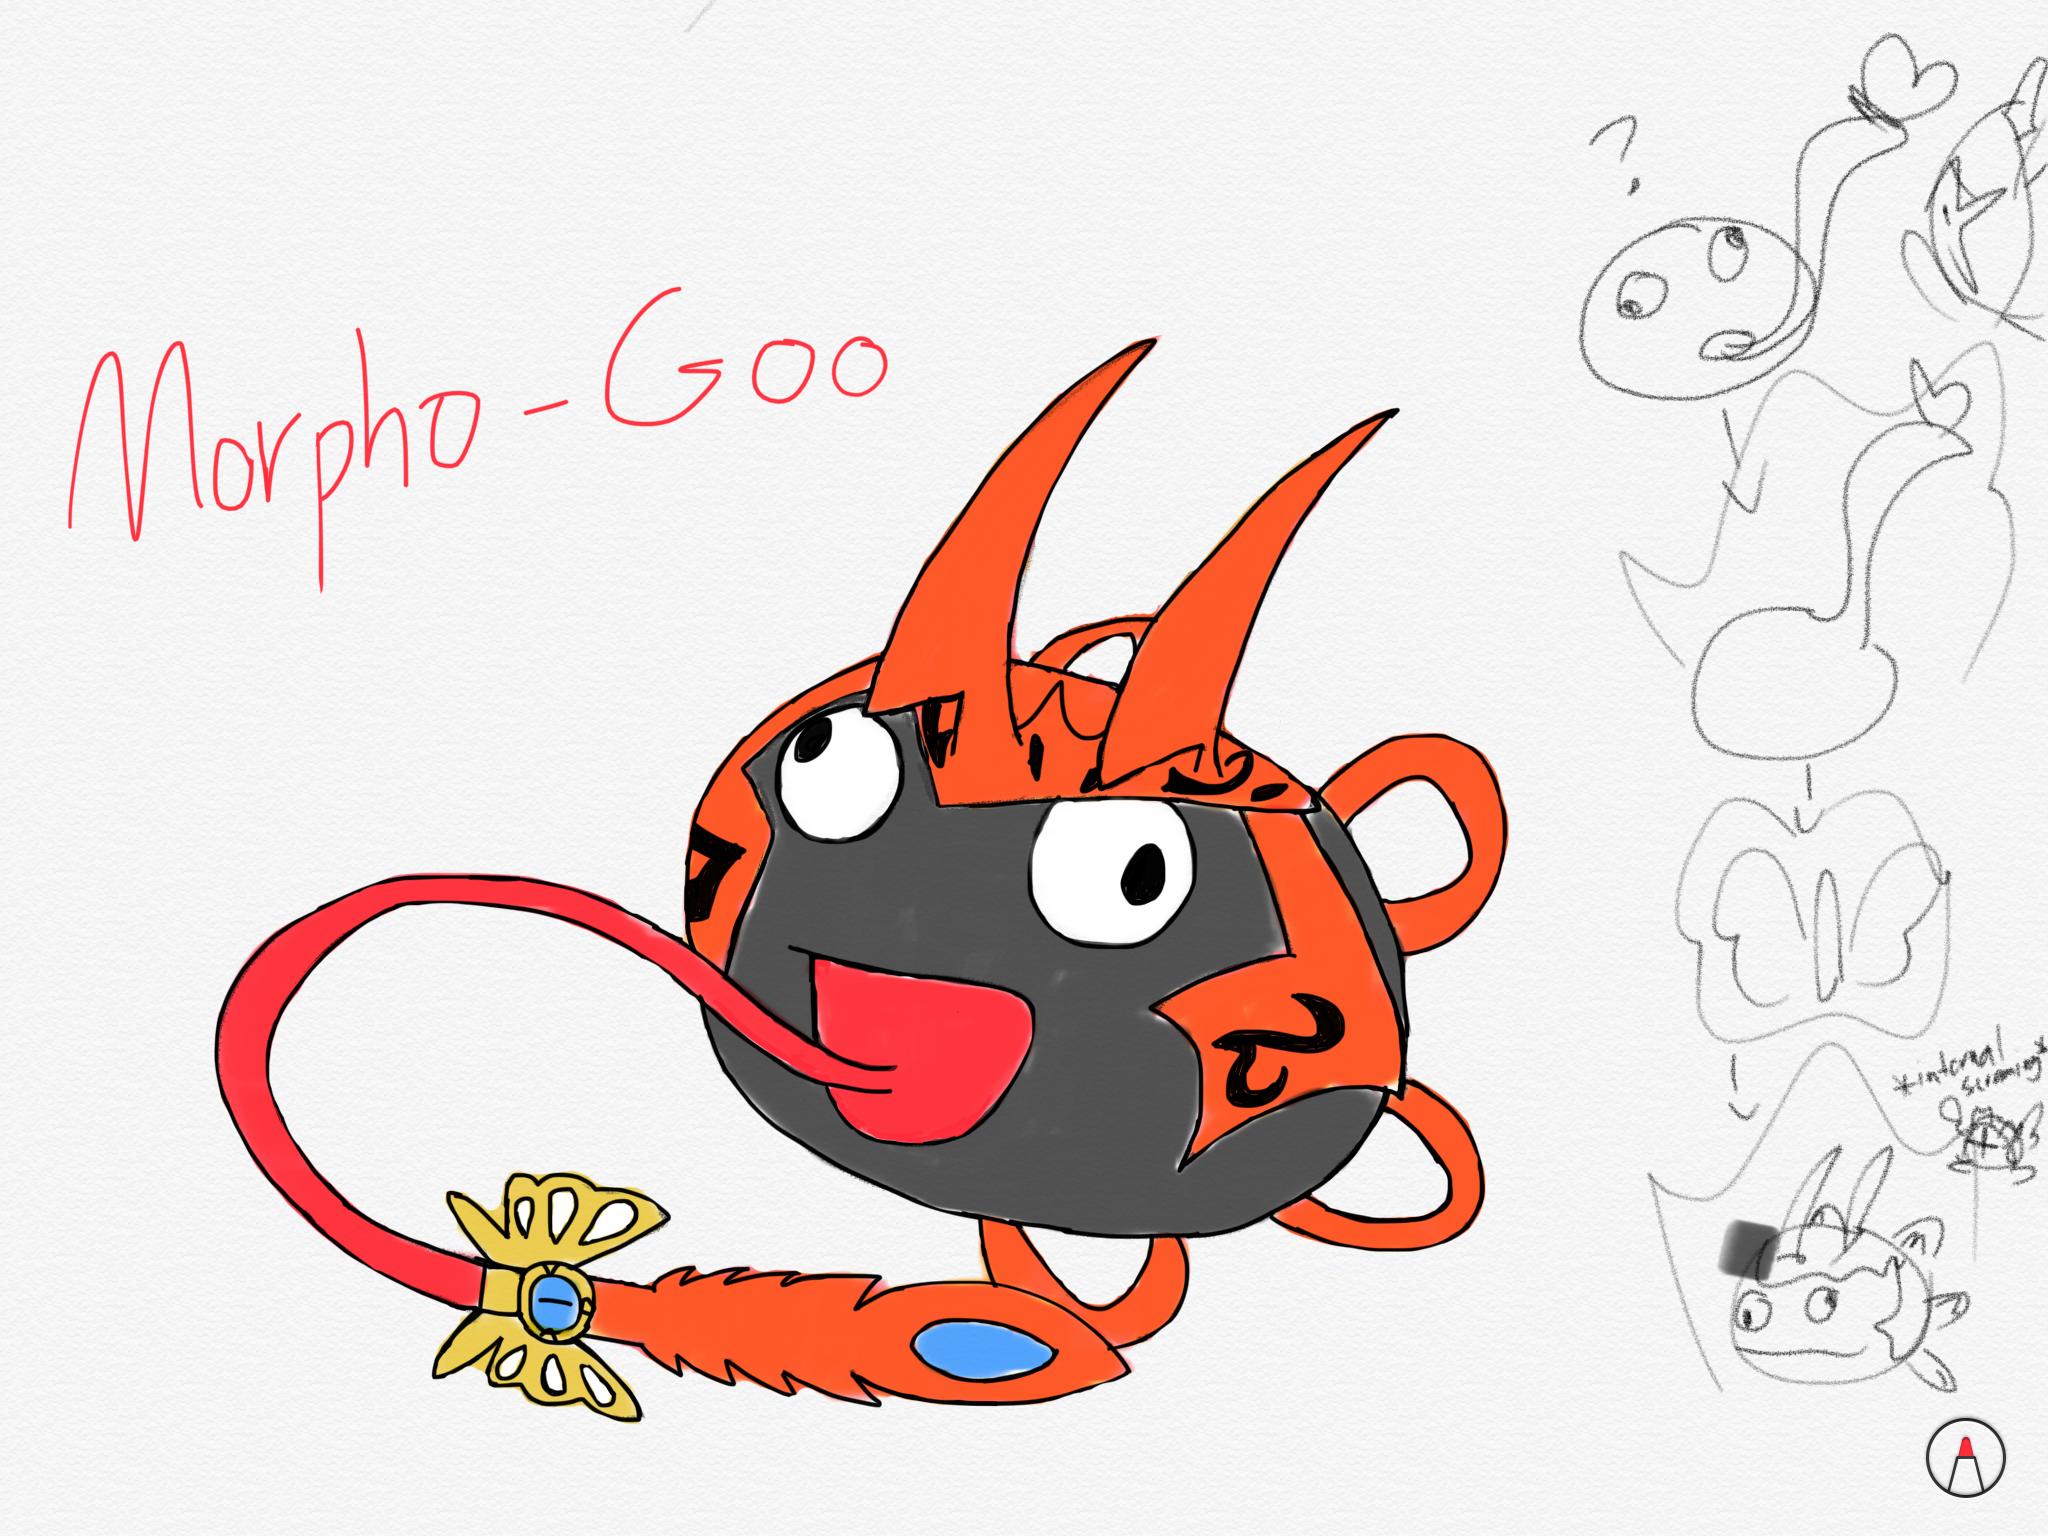 Ladies and Gentleman may I present to you... Morpho Goo.